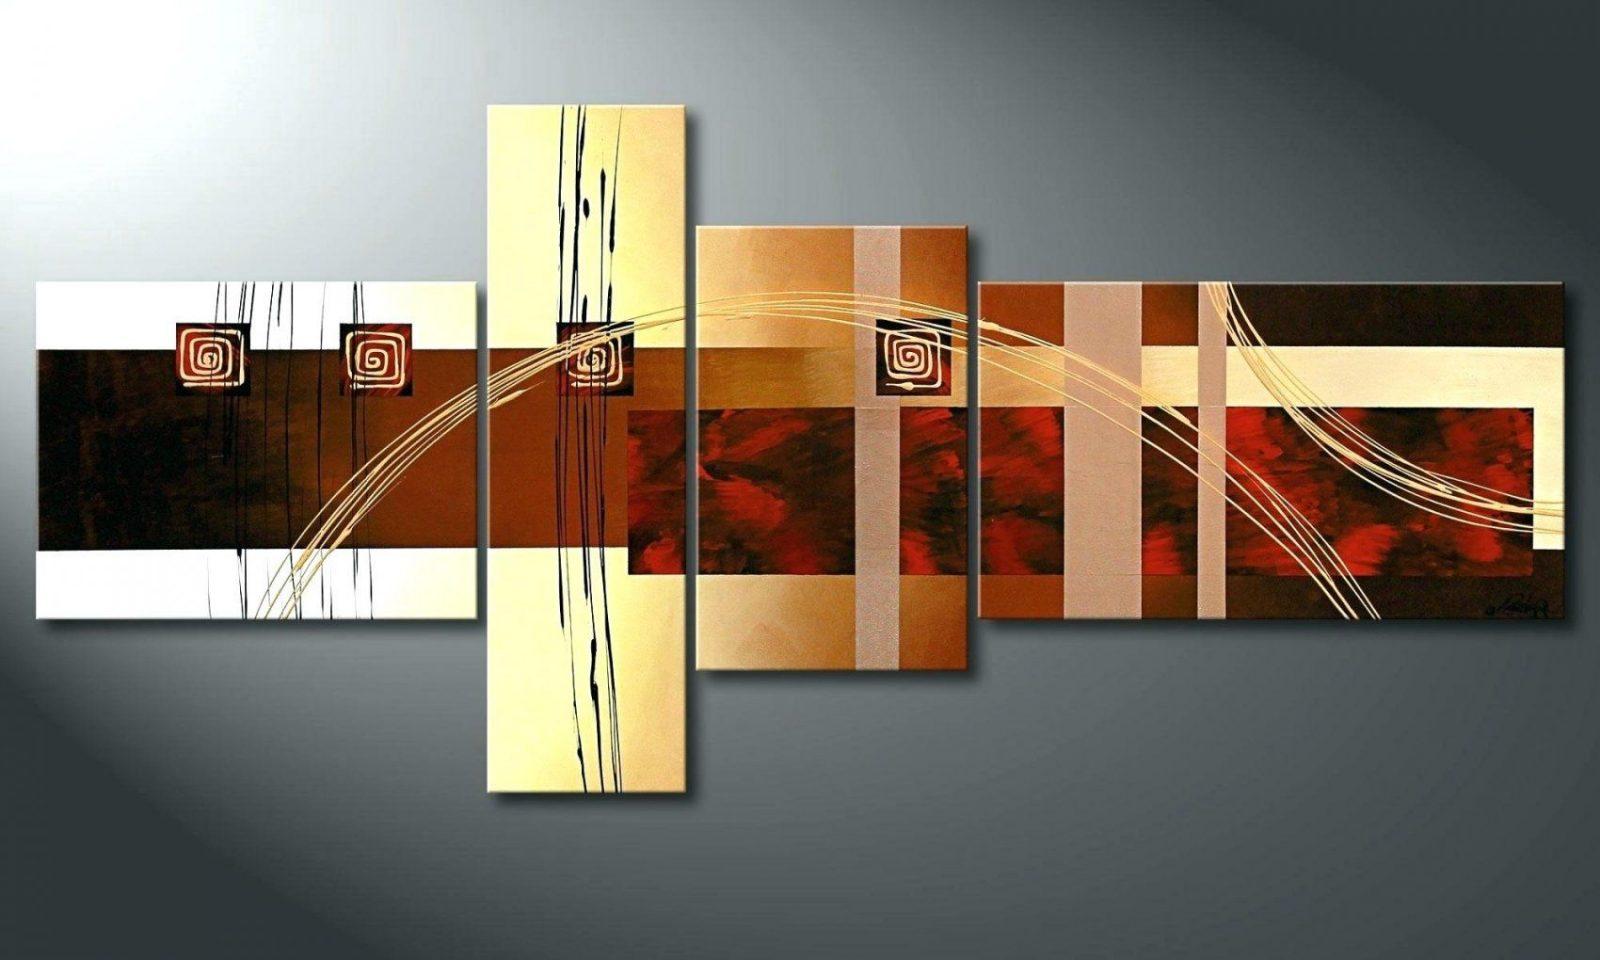 Bilder Mehrteilig Artissimo Glasbild Xxl Teilig Caxcm Leinwandbilder von Leinwandbilder Mehrteilig Selbst Gestalten Photo